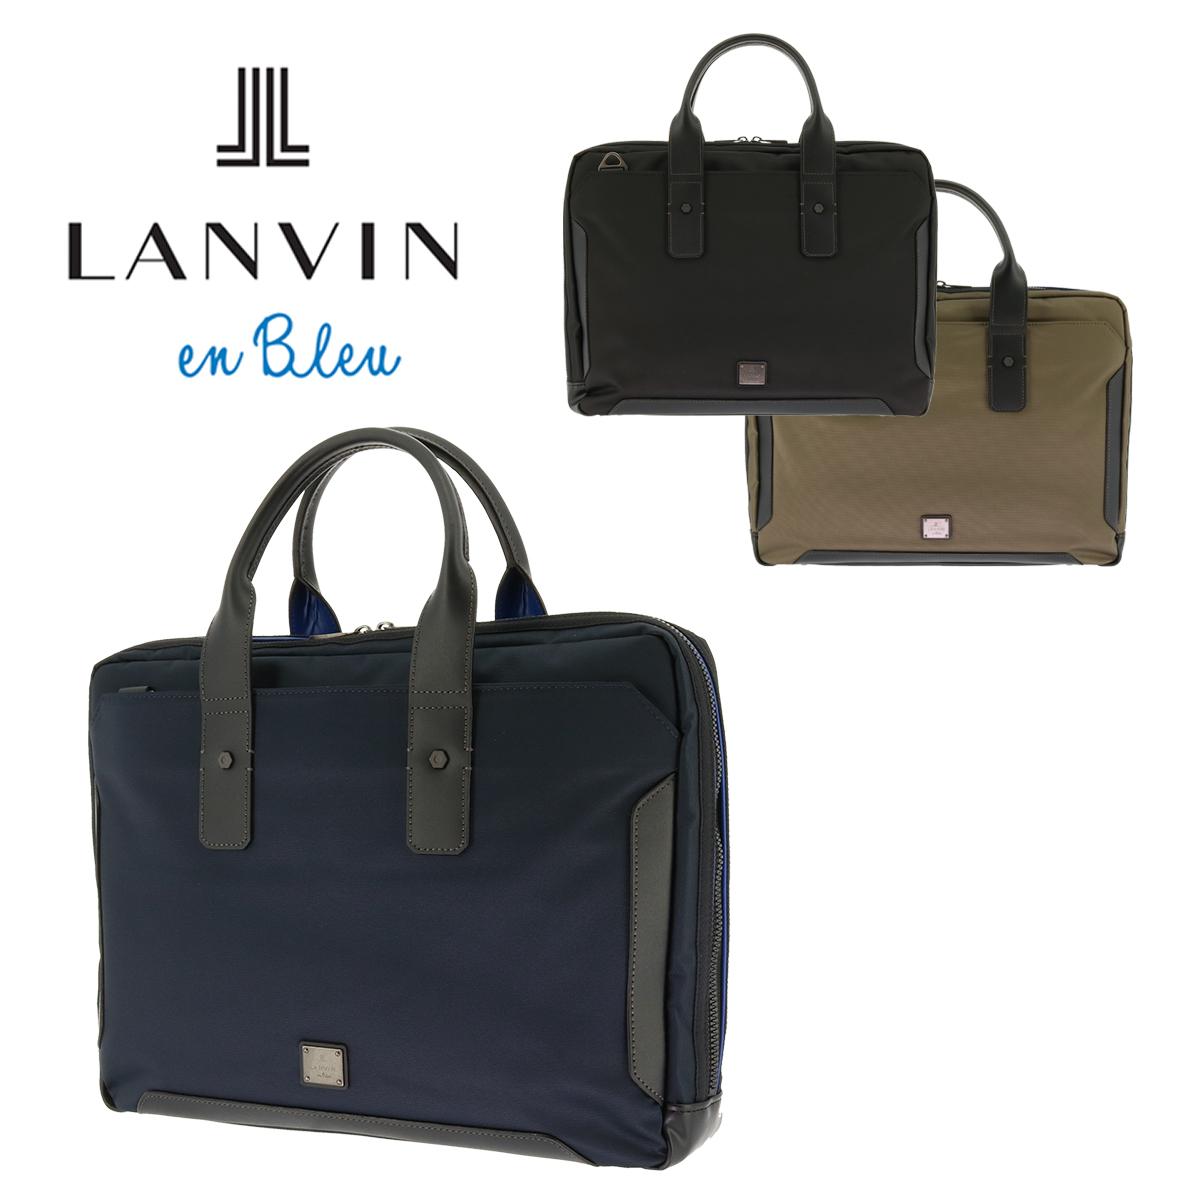 ランバンオンブルー ビジネスバッグ サイド 571511 LANVIN en Bleu 2WAY ショルダーバッグ キャリーセットアップ ポリエステル メンズ